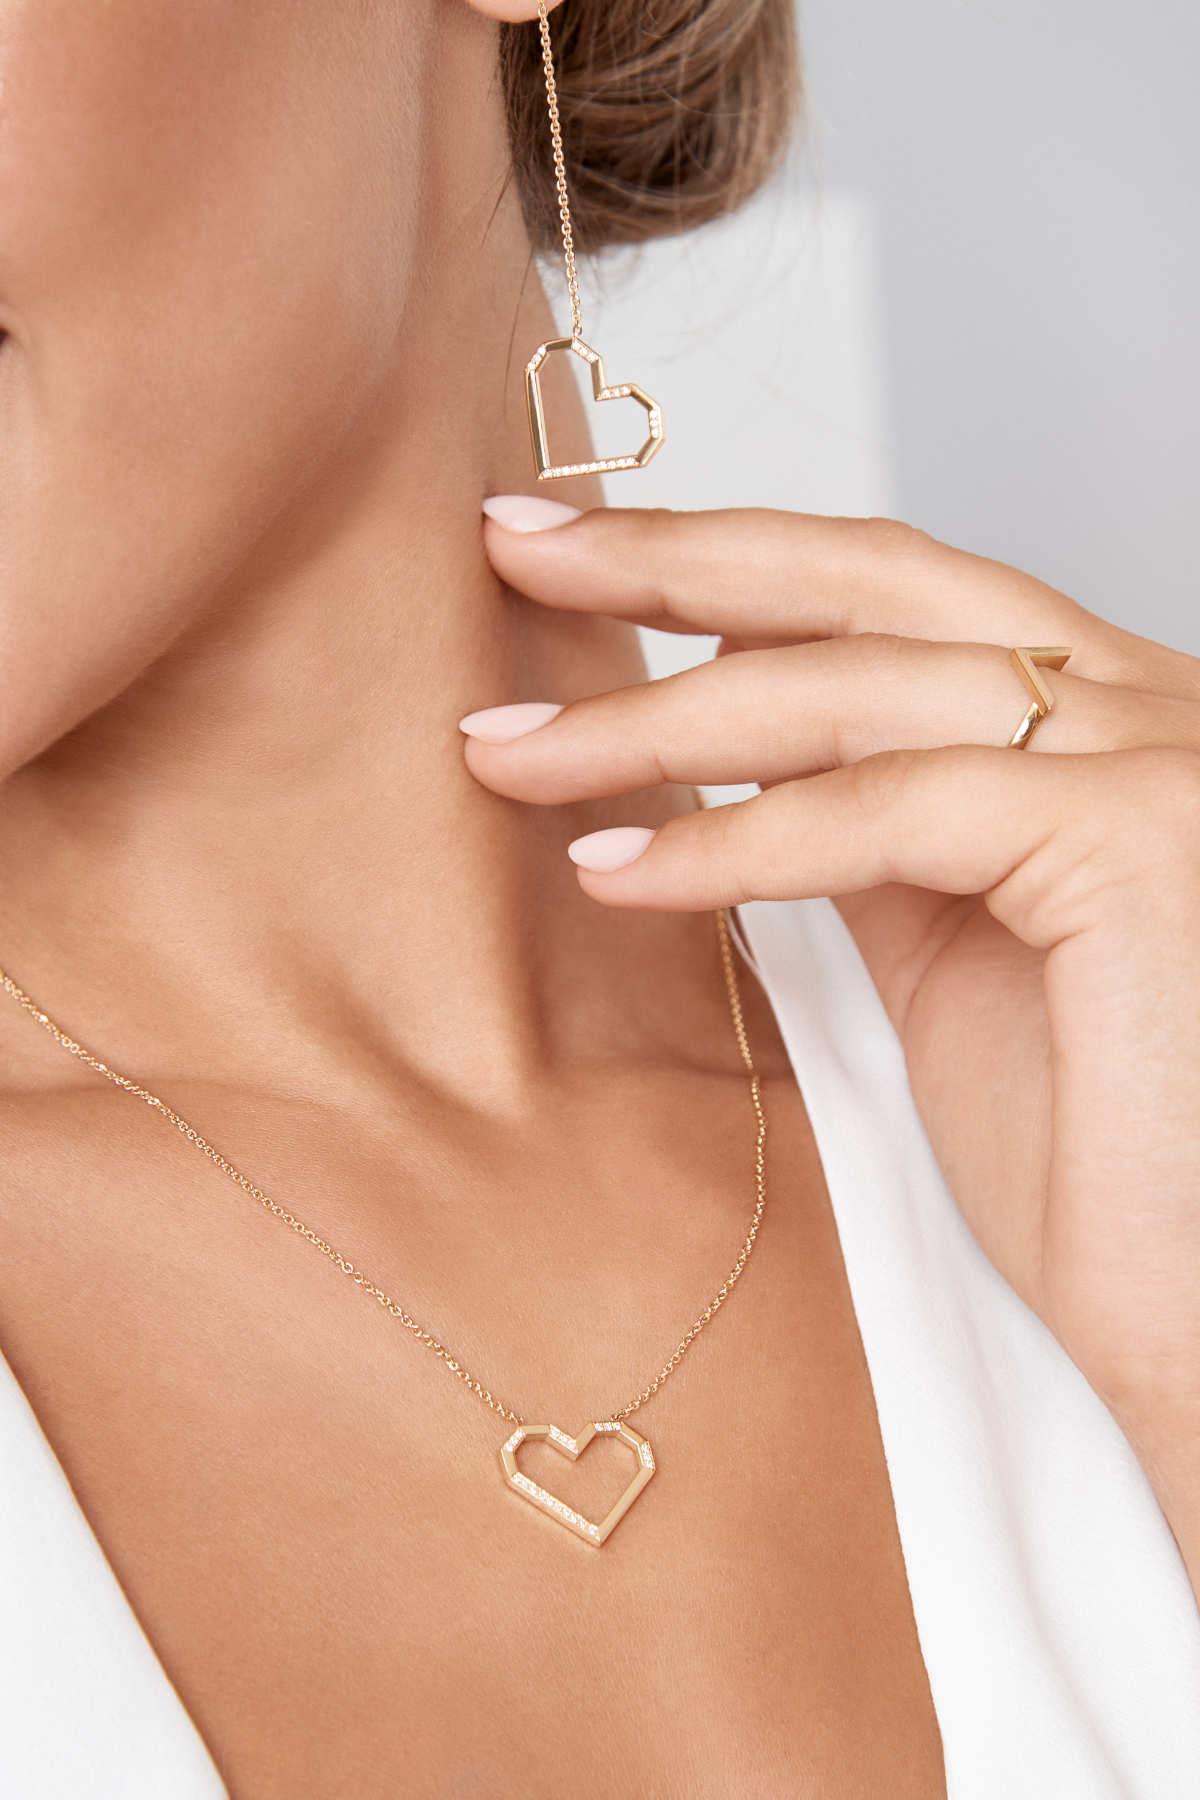 Chiara trägt VON KRONBERG PURE LOVE Collier und Ohrringe und VICTORY Ring